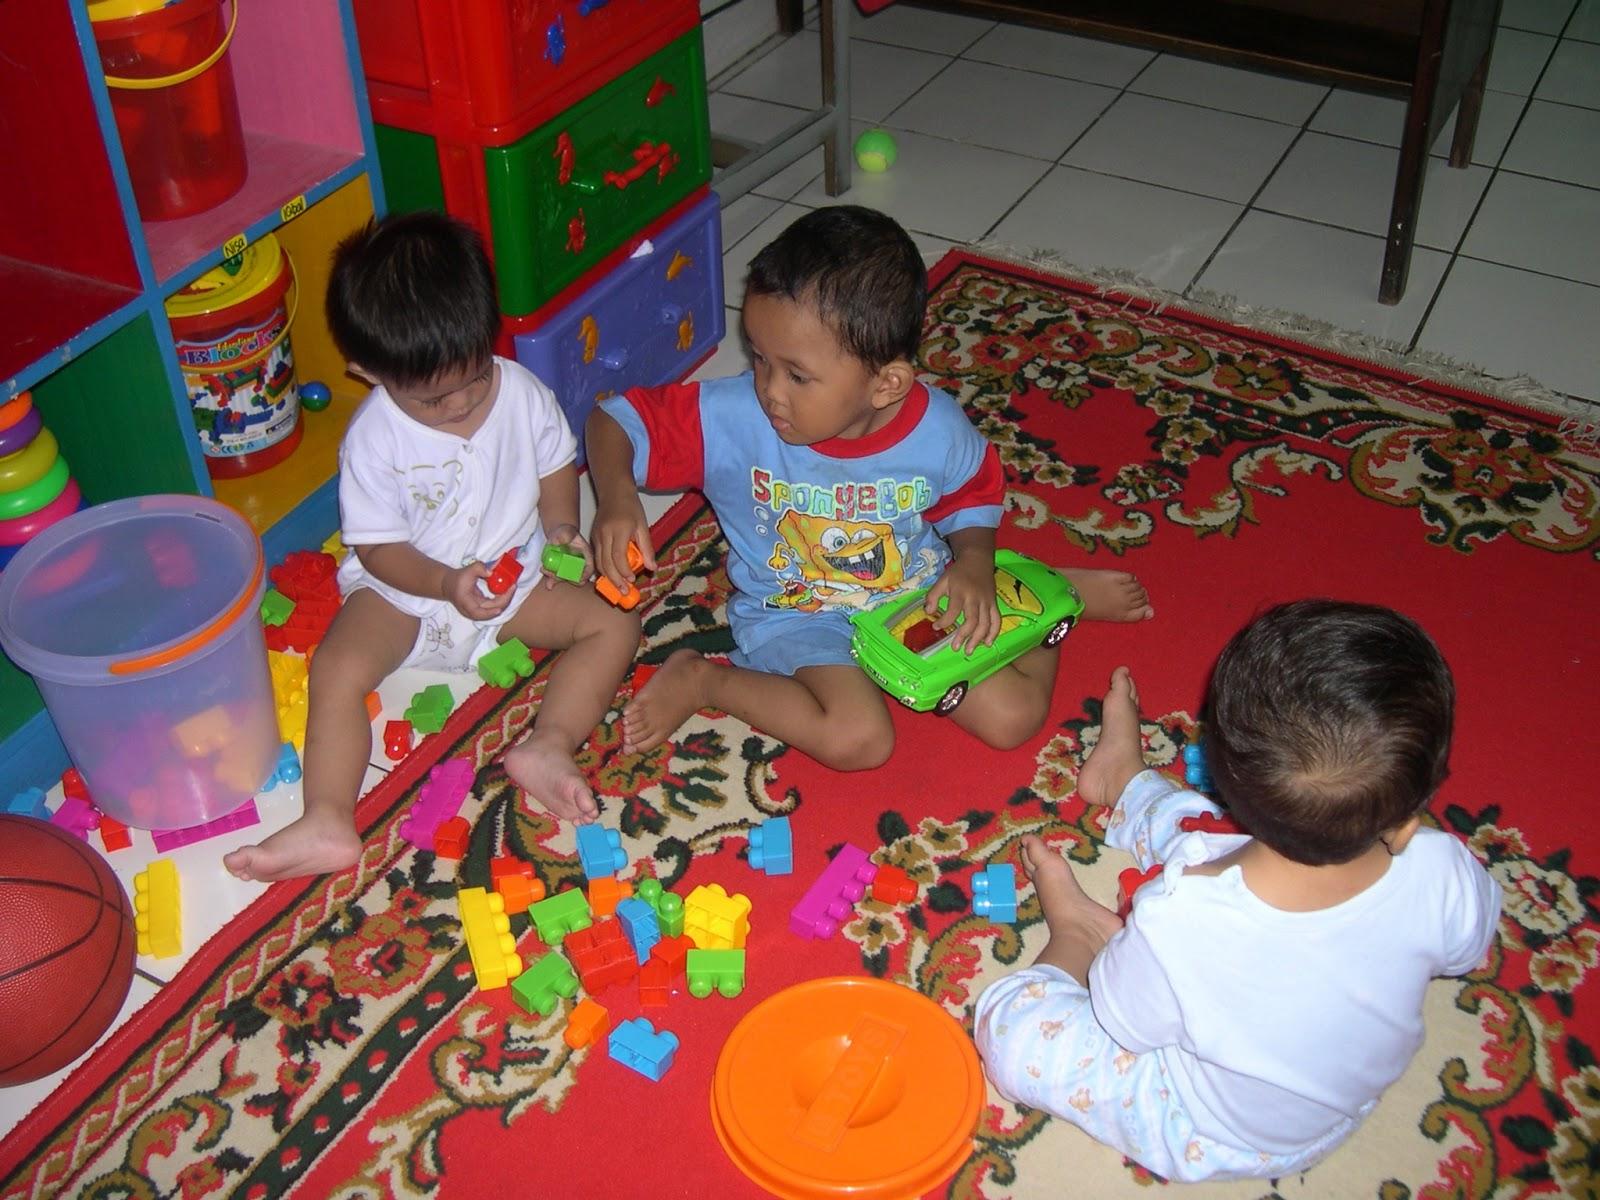 Kebutuhan bermain sangatlah mutlak bagi perkembangan anak Lingkungan dan orang dewasa dalam hal ini orangtua maupun guru perlu memfasilitasi kebutuhan